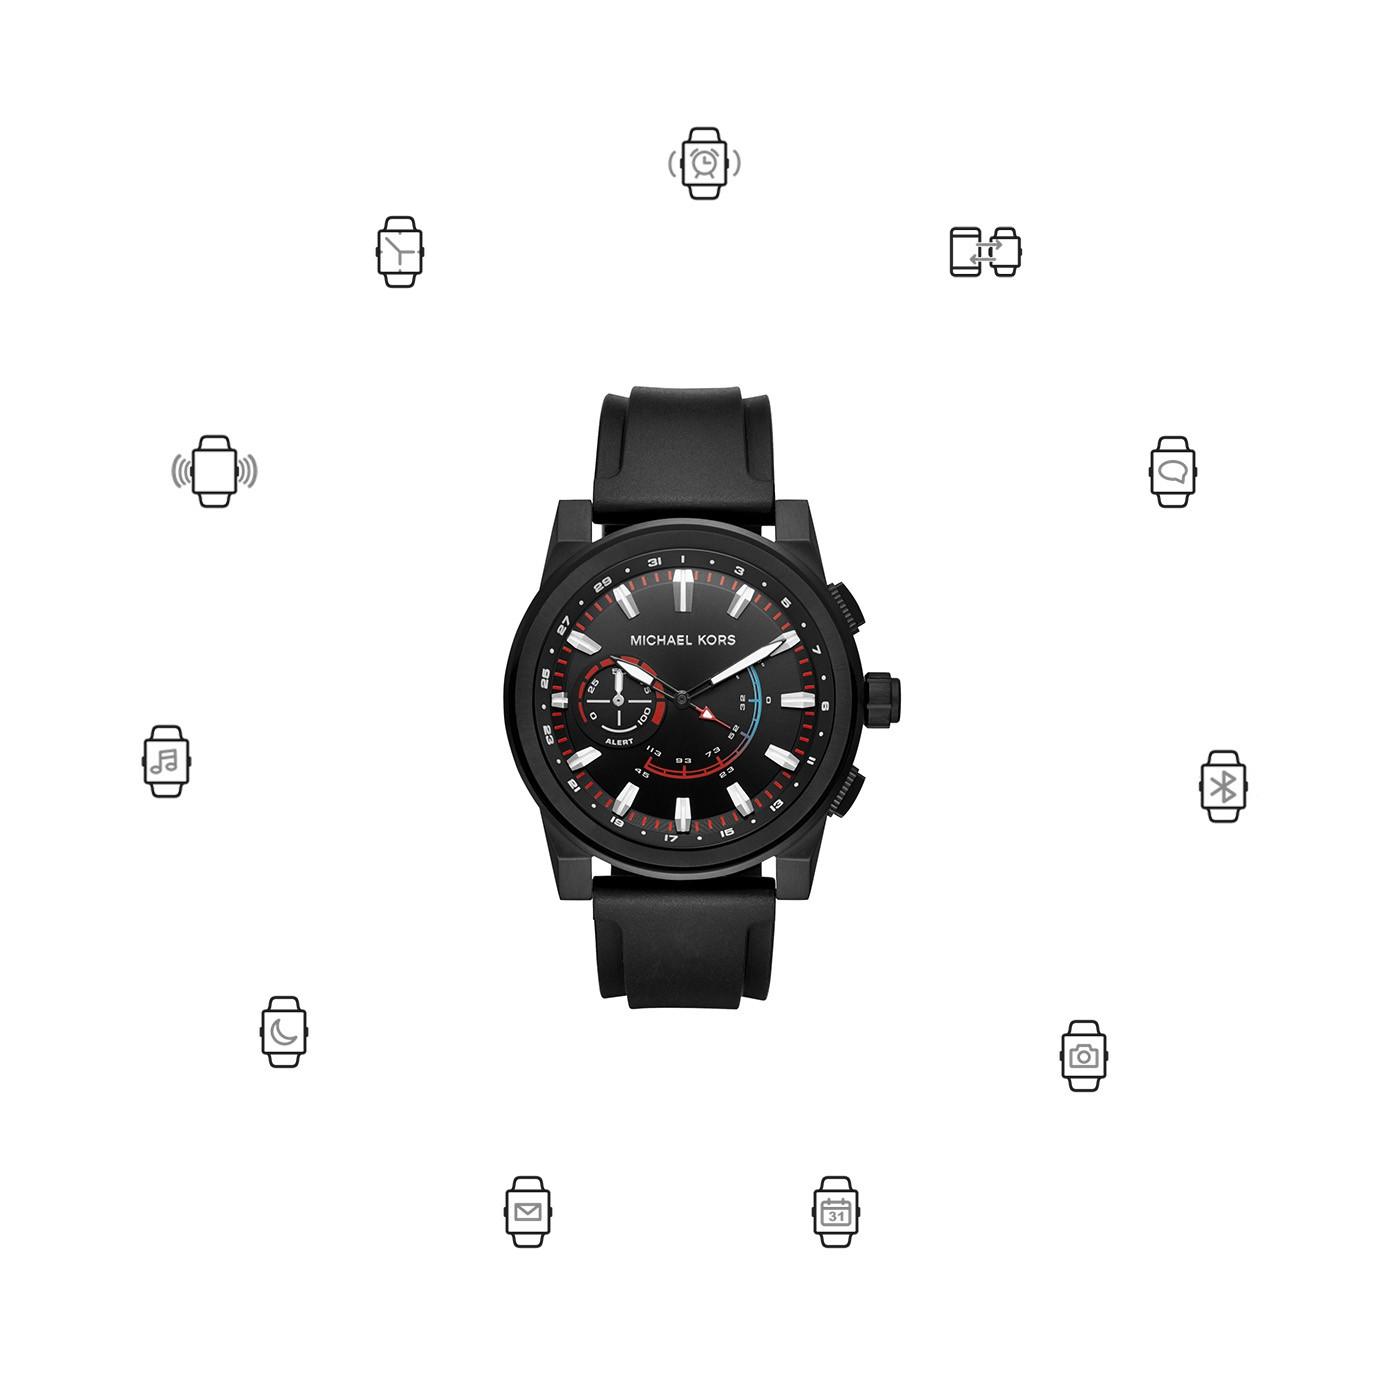 fbba30e5f97d Michael Kors Access watch MKT4010 - Watches